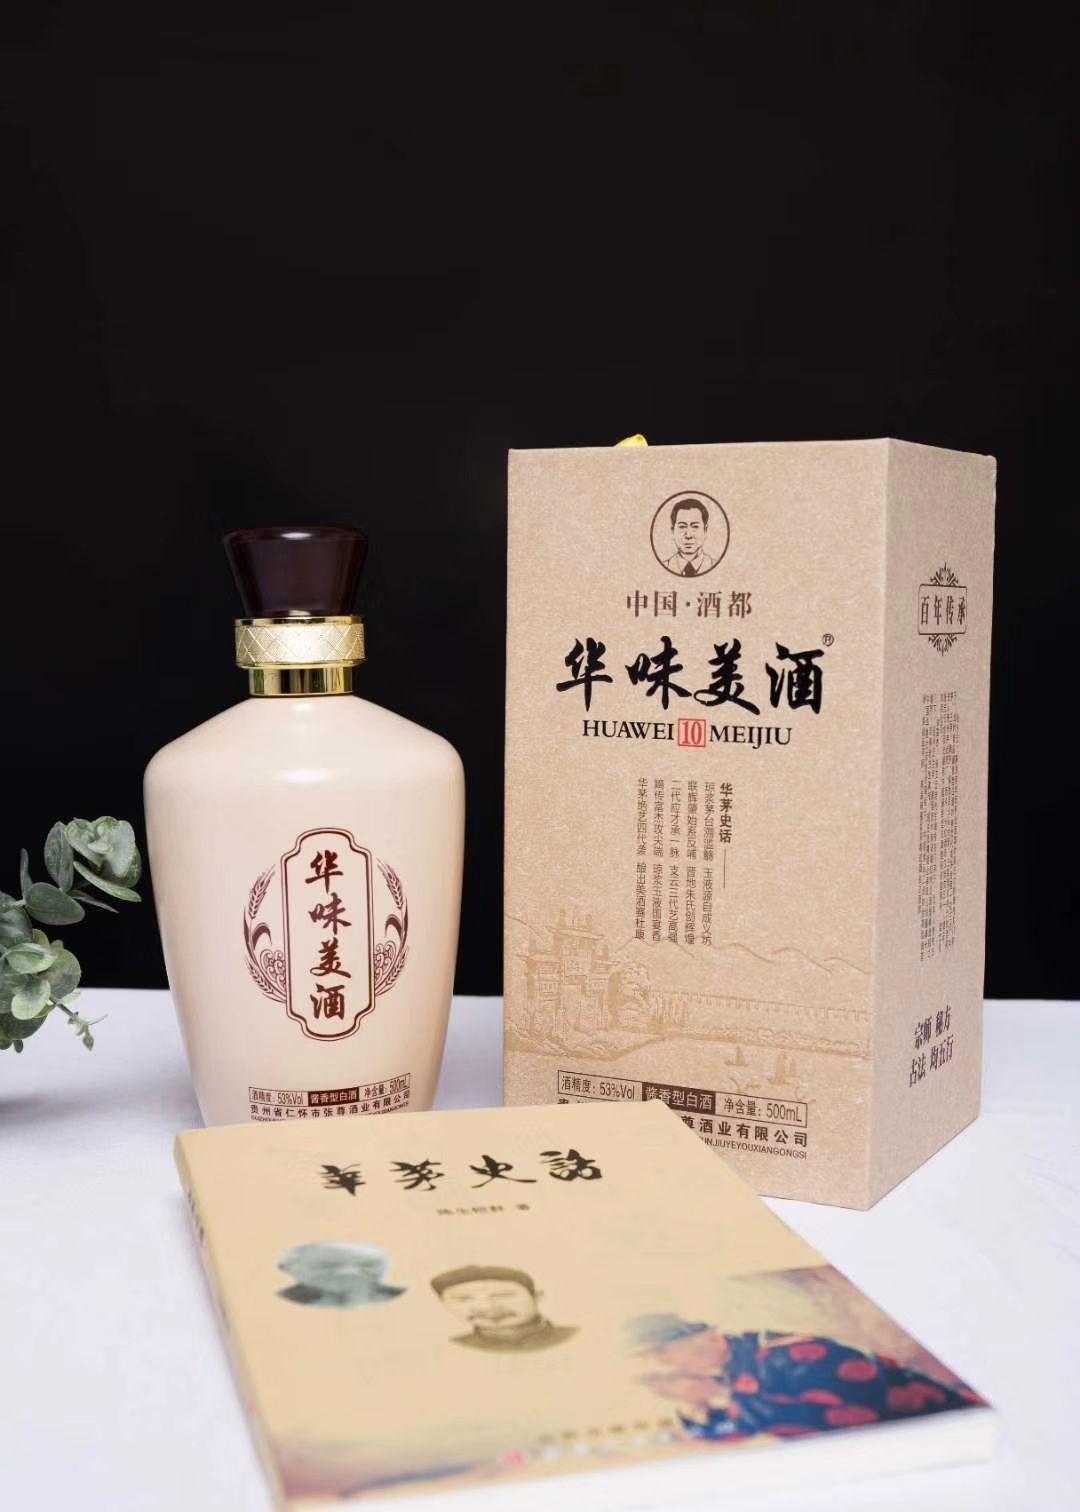 茅台前身,华茅传承,华味美酒,古法酿造!